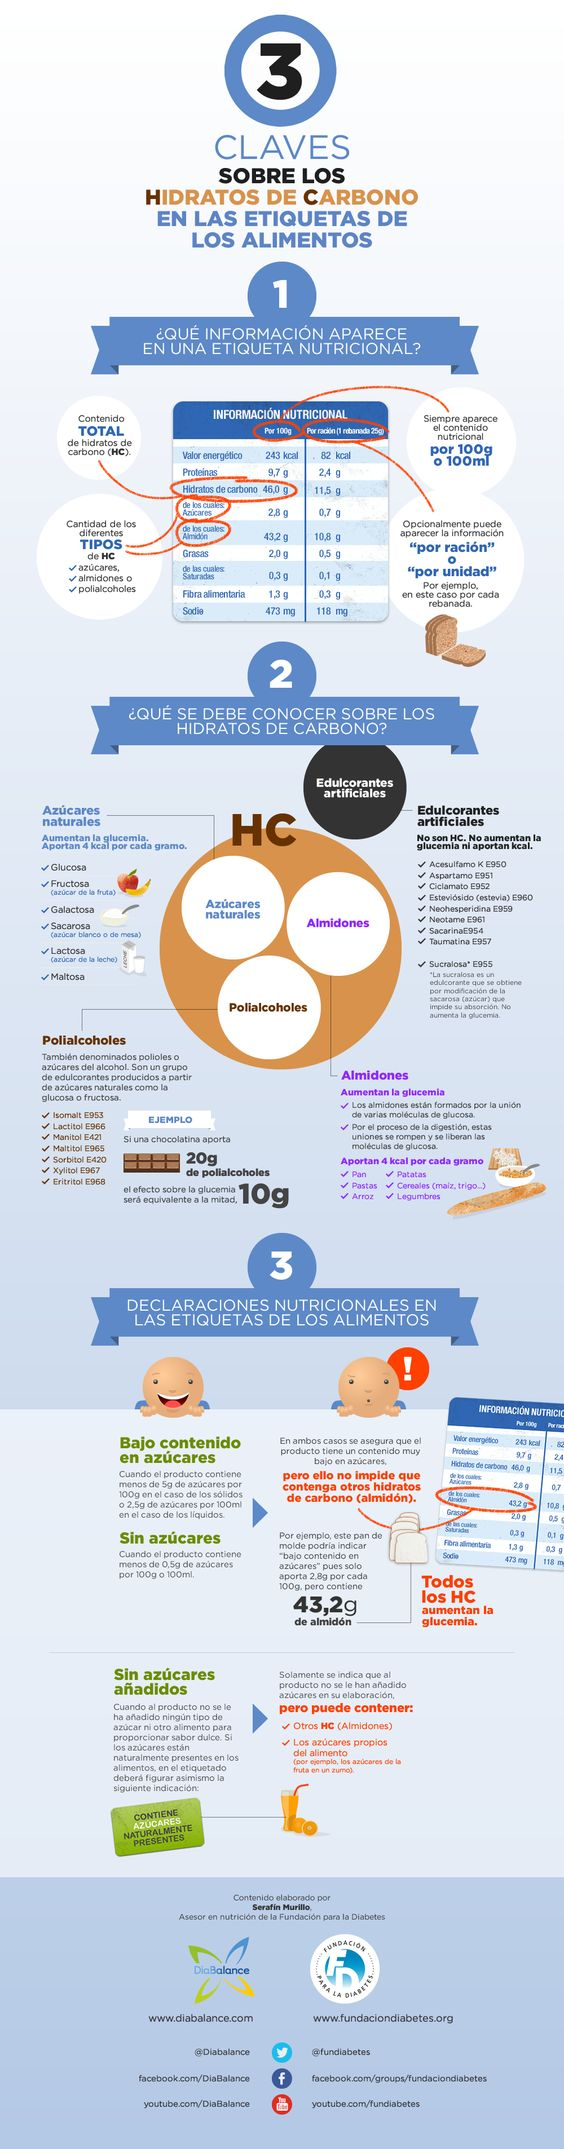 """Infografía """"3 Claves sobre los Hidratos de Carbono en las etiquetas de los alimentos"""". / Diabetes.:"""